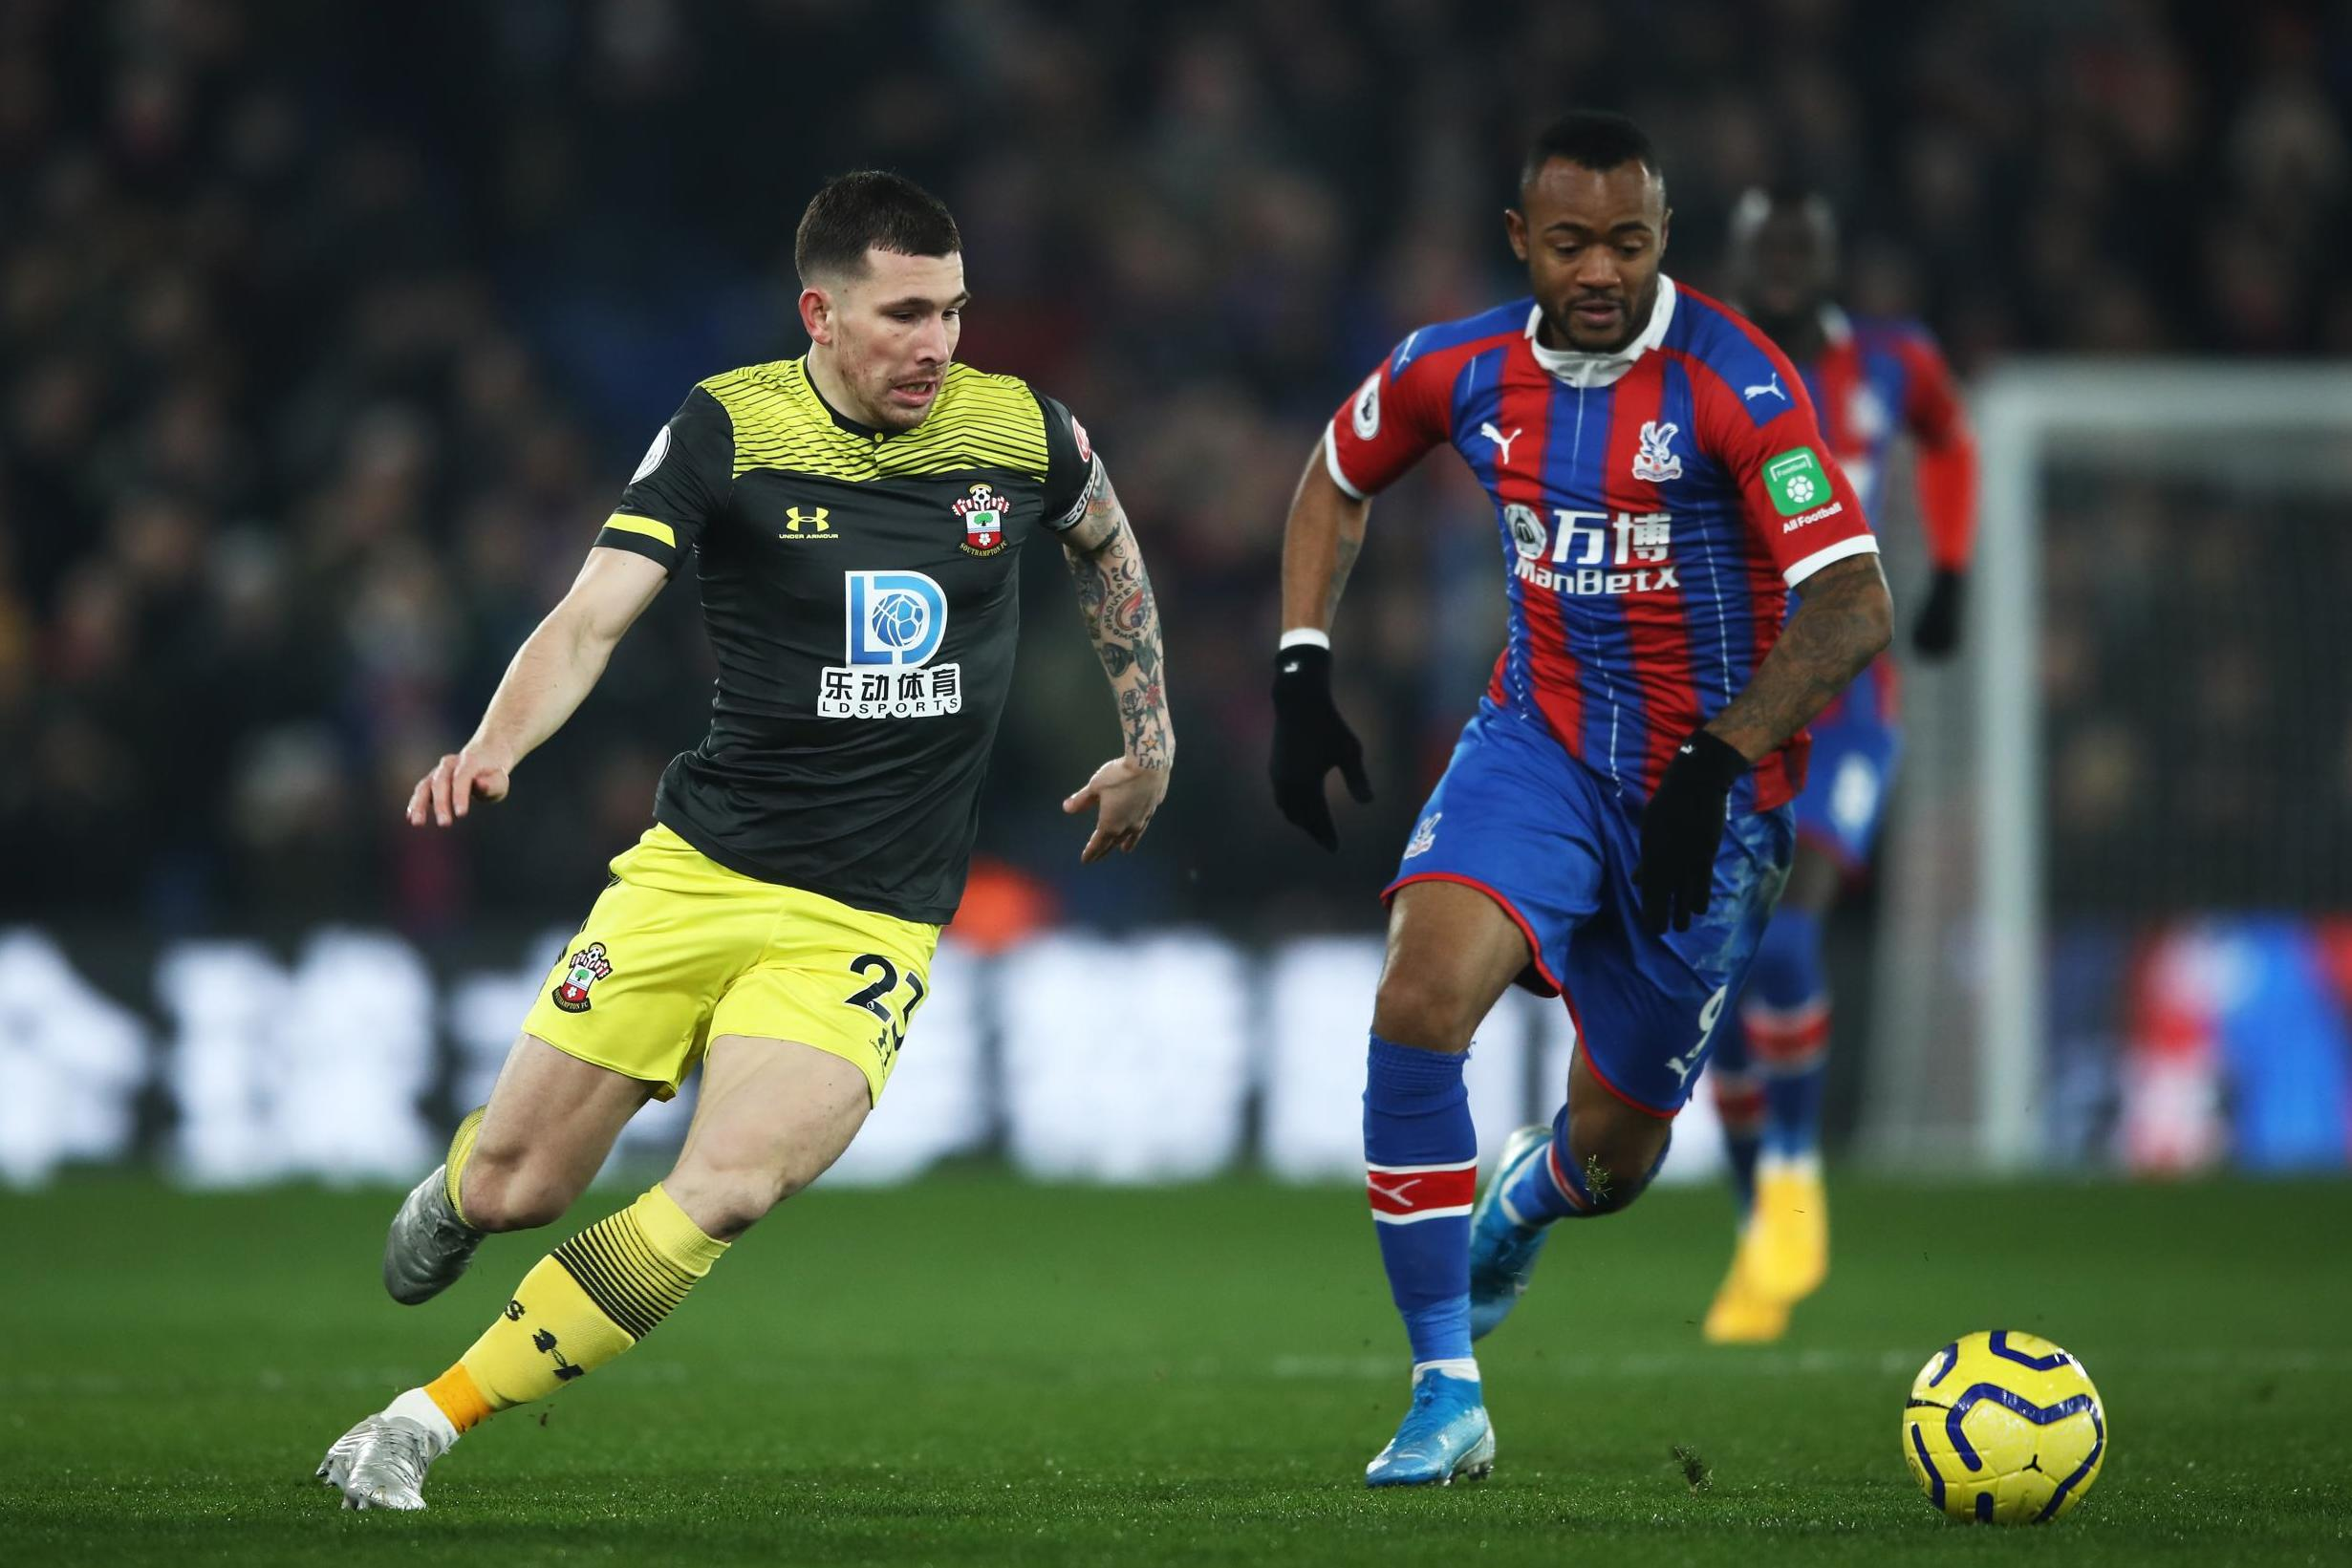 Soi kèo Southampton vs Crystal Palace, 2h15 ngày 12/5 – Premier League